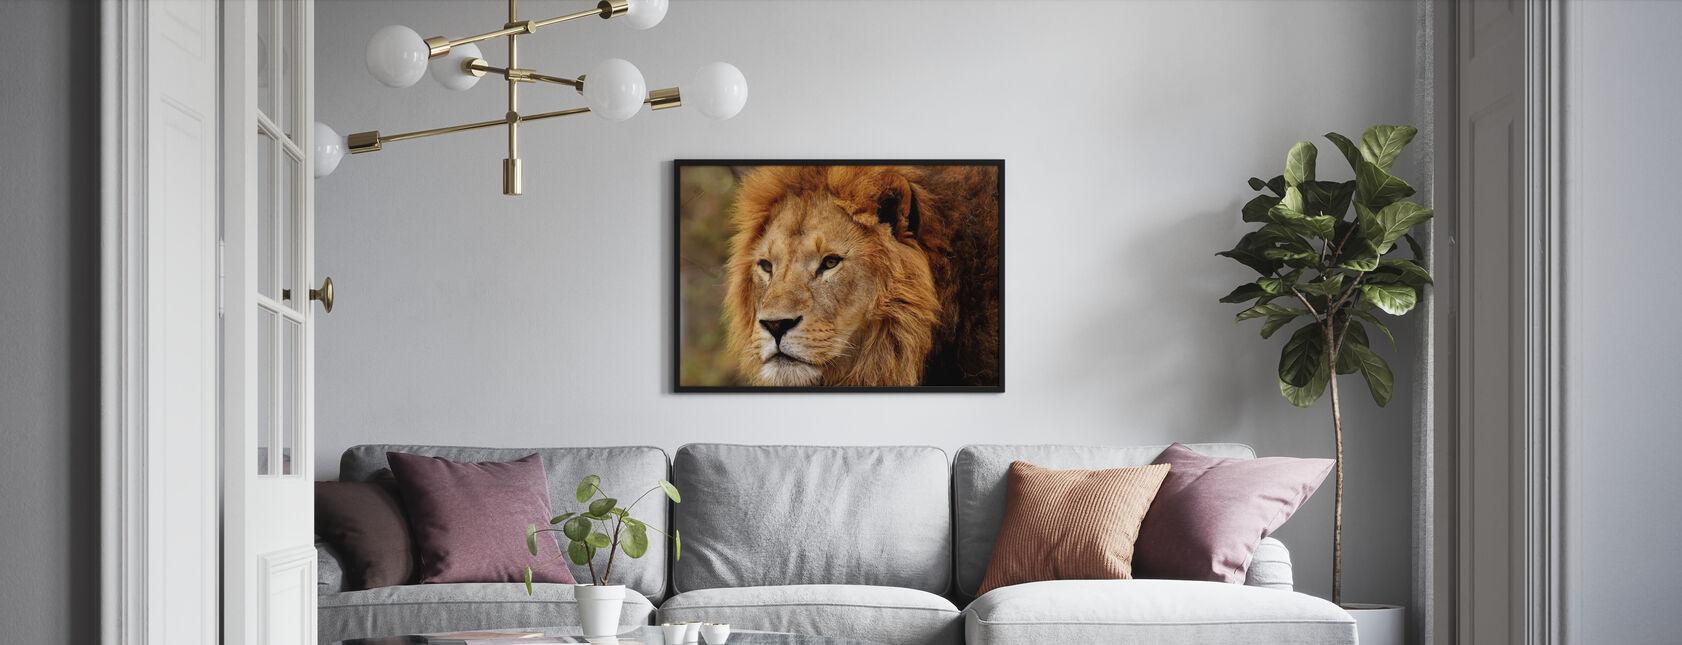 Löwe starrend - Gerahmtes bild - Wohnzimmer